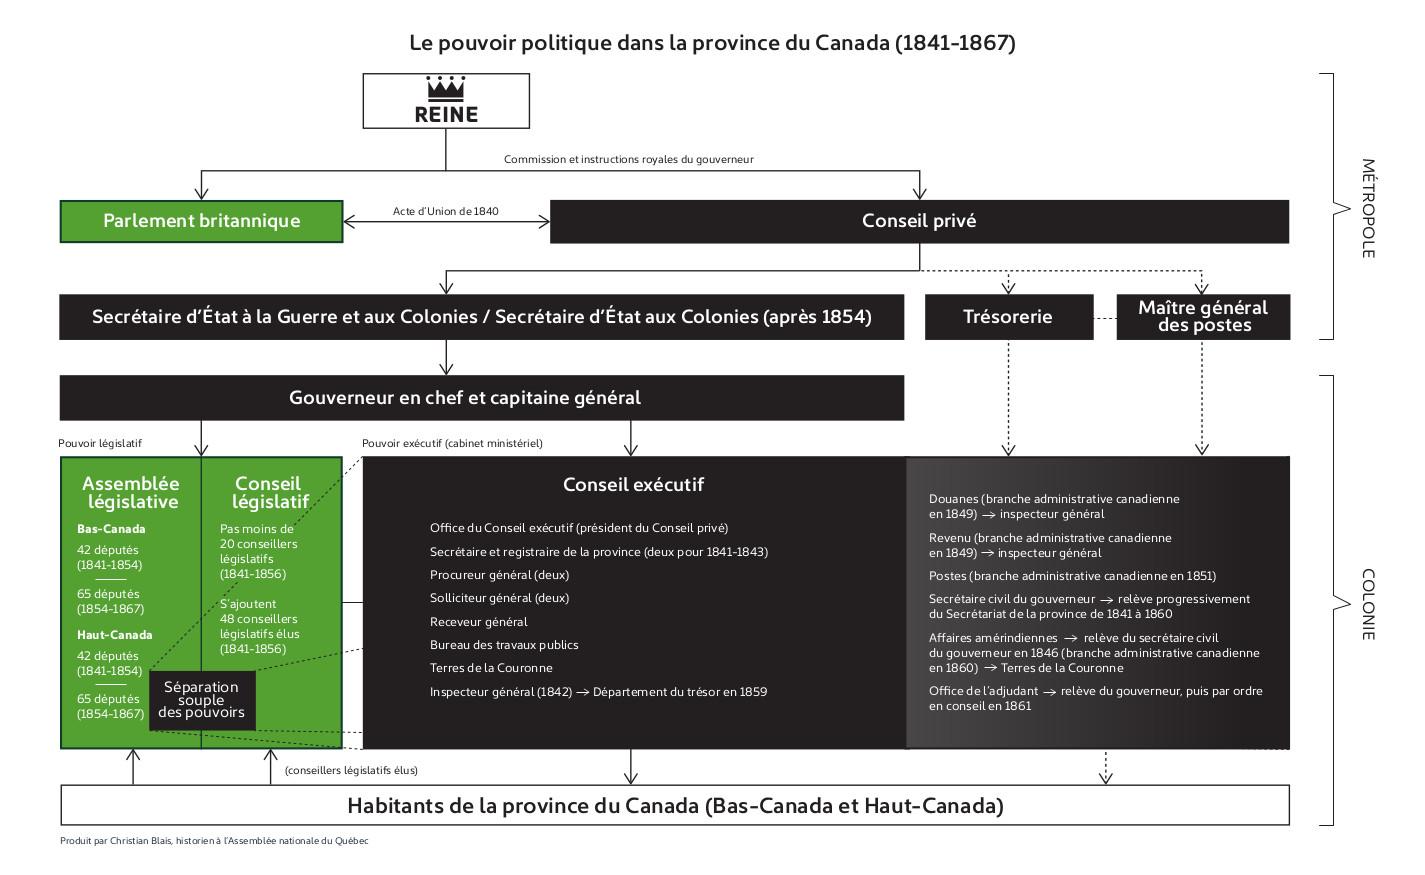 1841-1867 : Le gouvernement de la Province du Canada